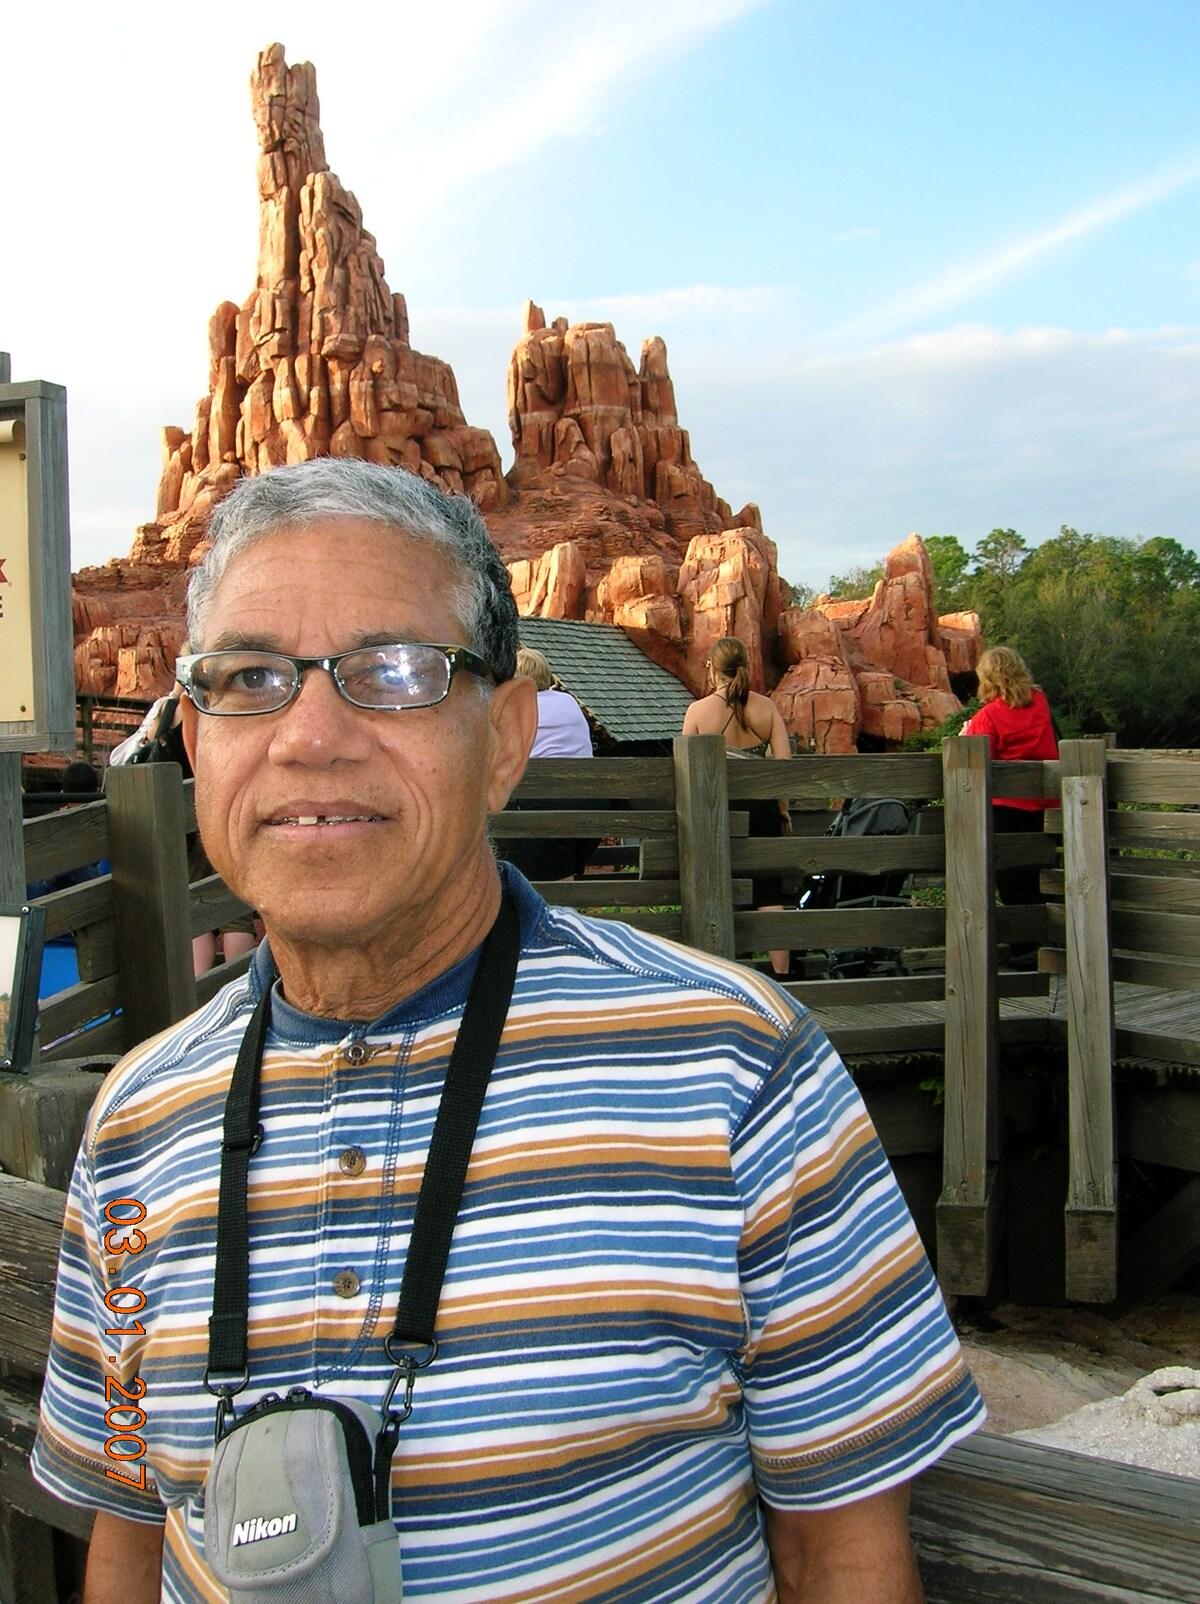 Peter from Ocho Rios